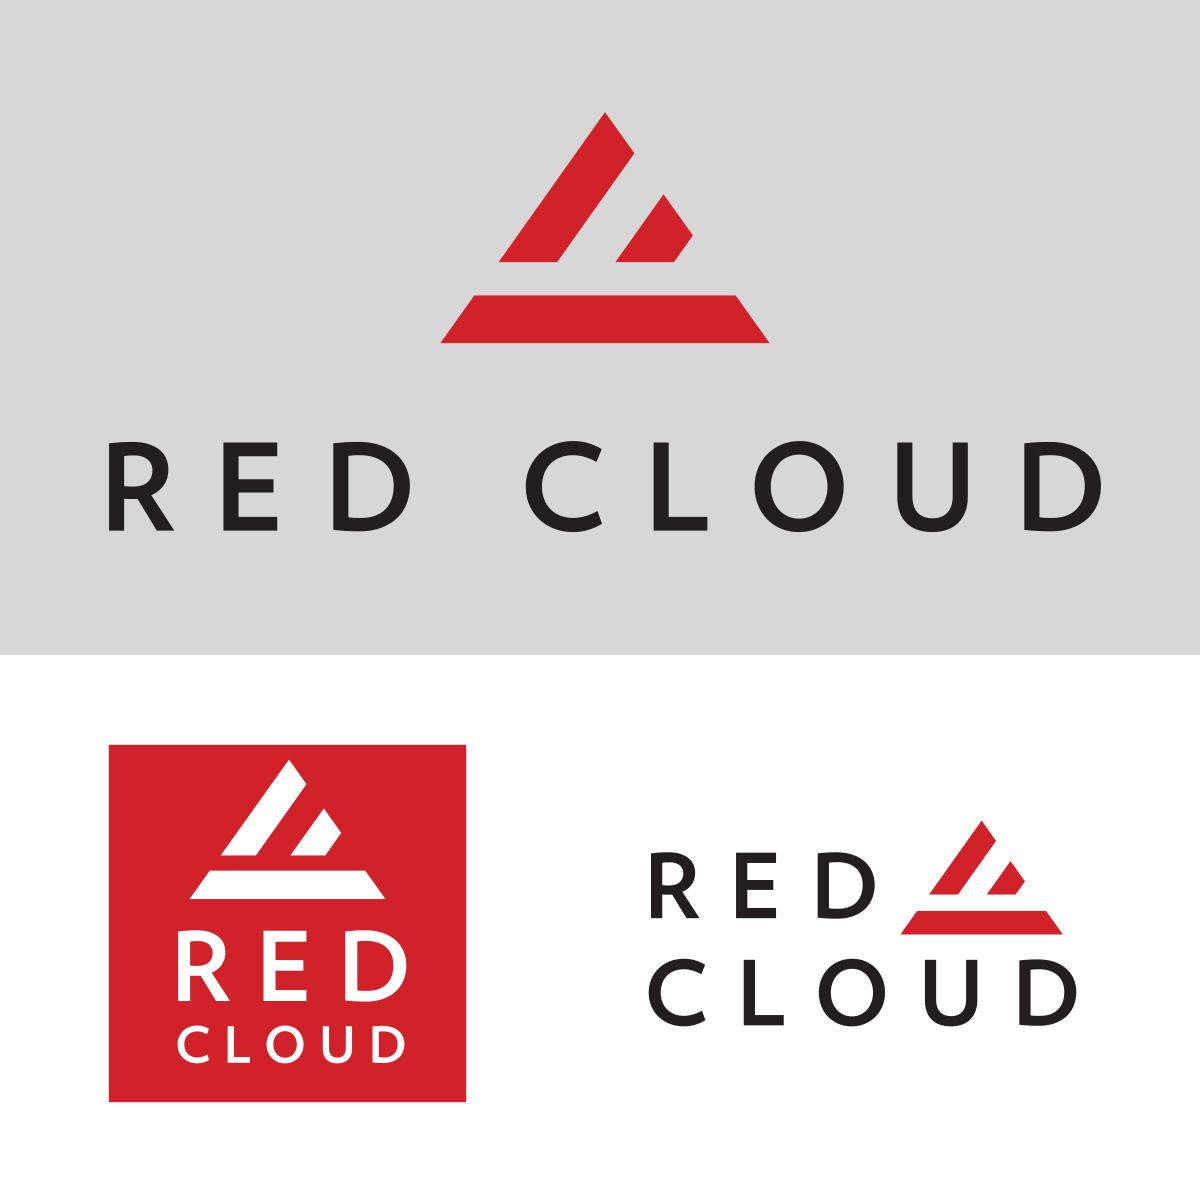 RedCloud-posts2.jpg